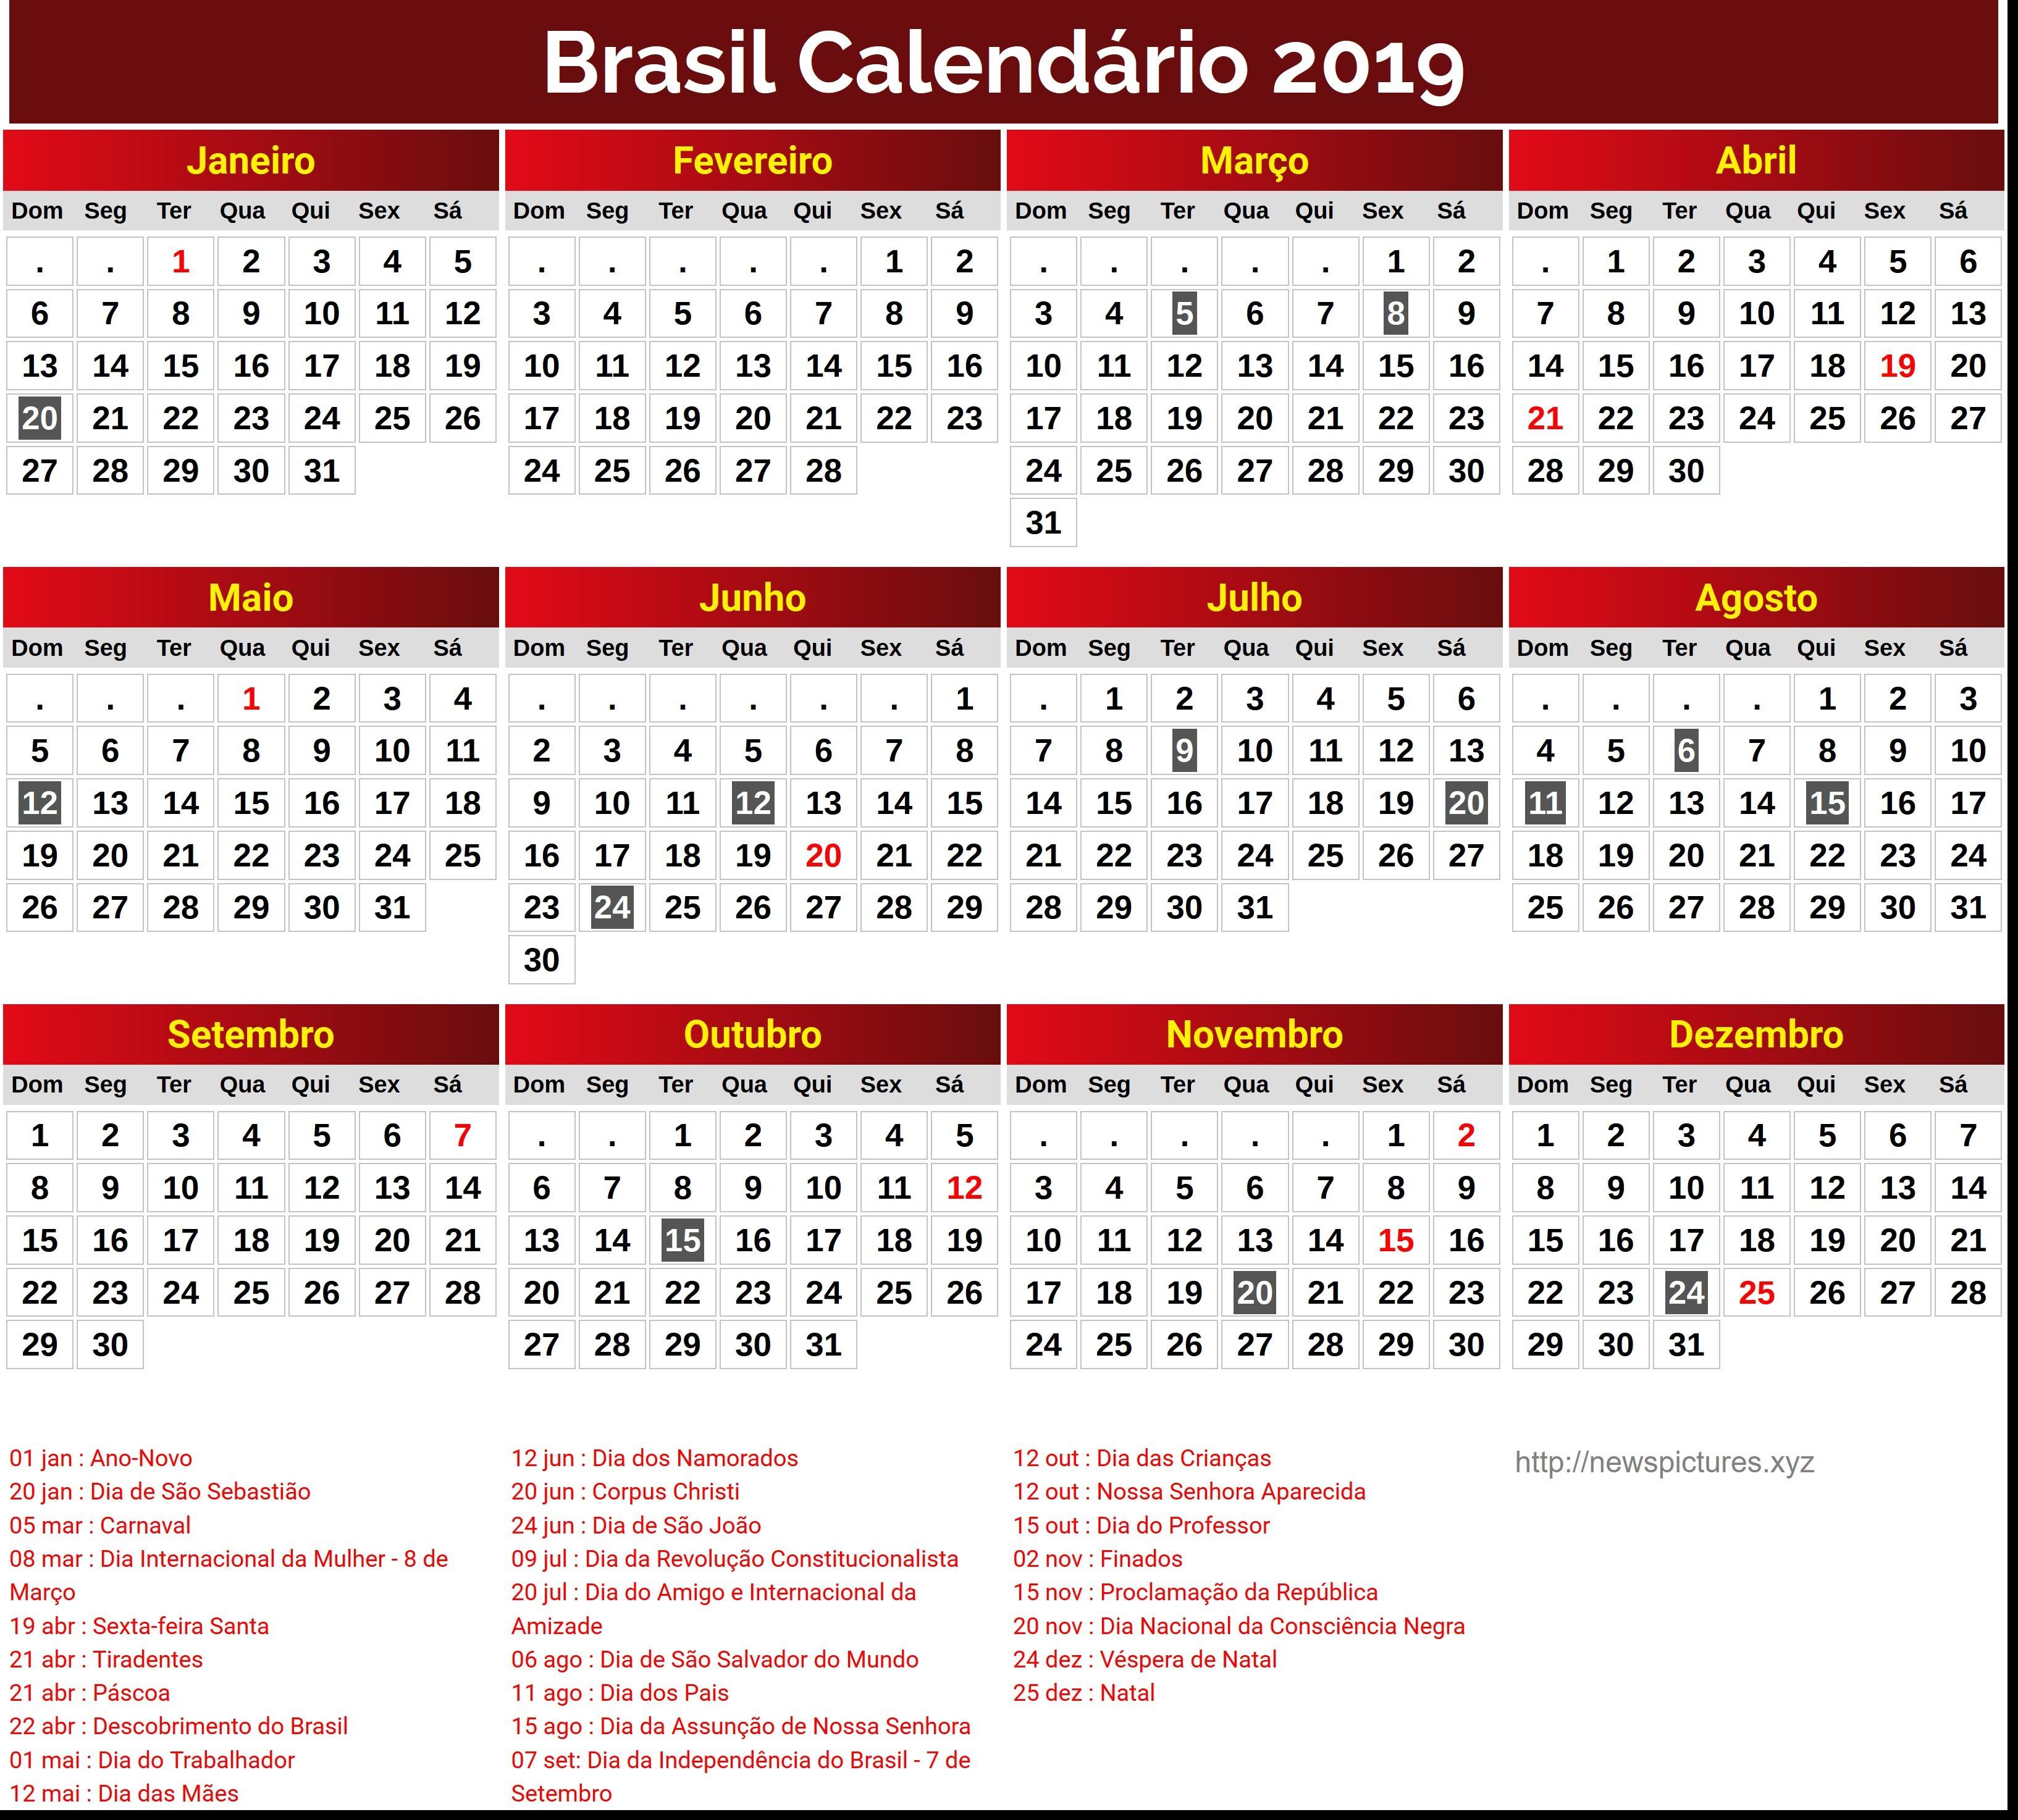 Calendario 2019 El Salvador Con Feriados Más Recientes Evaluar Calendario 2019 Con Sus Feriados Of Calendario 2019 El Salvador Con Feriados Más Actual Eur Lex R2454 Es Eur Lex